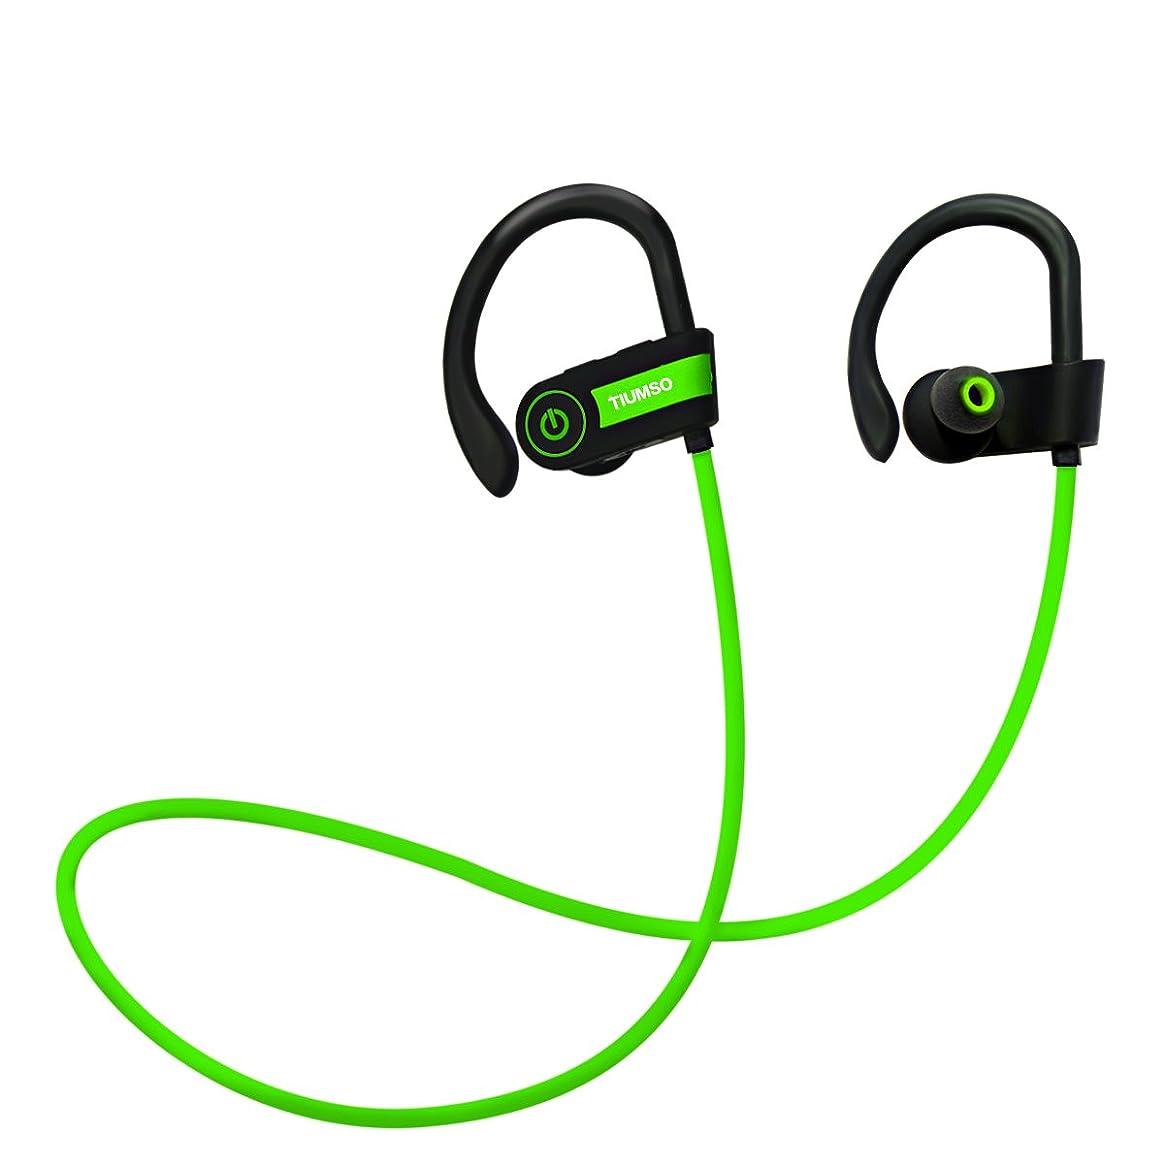 アーチ自分六月Tiumso Bluetooth スポーツイヤホン 高音質 ブルートゥース イヤホン ランニング用 ノイズキャンセリング 防水 防汗 耳掛け式 iPhone 7/ 7Plus/6 Sony Android スマートフォンなどに対応 (緑)